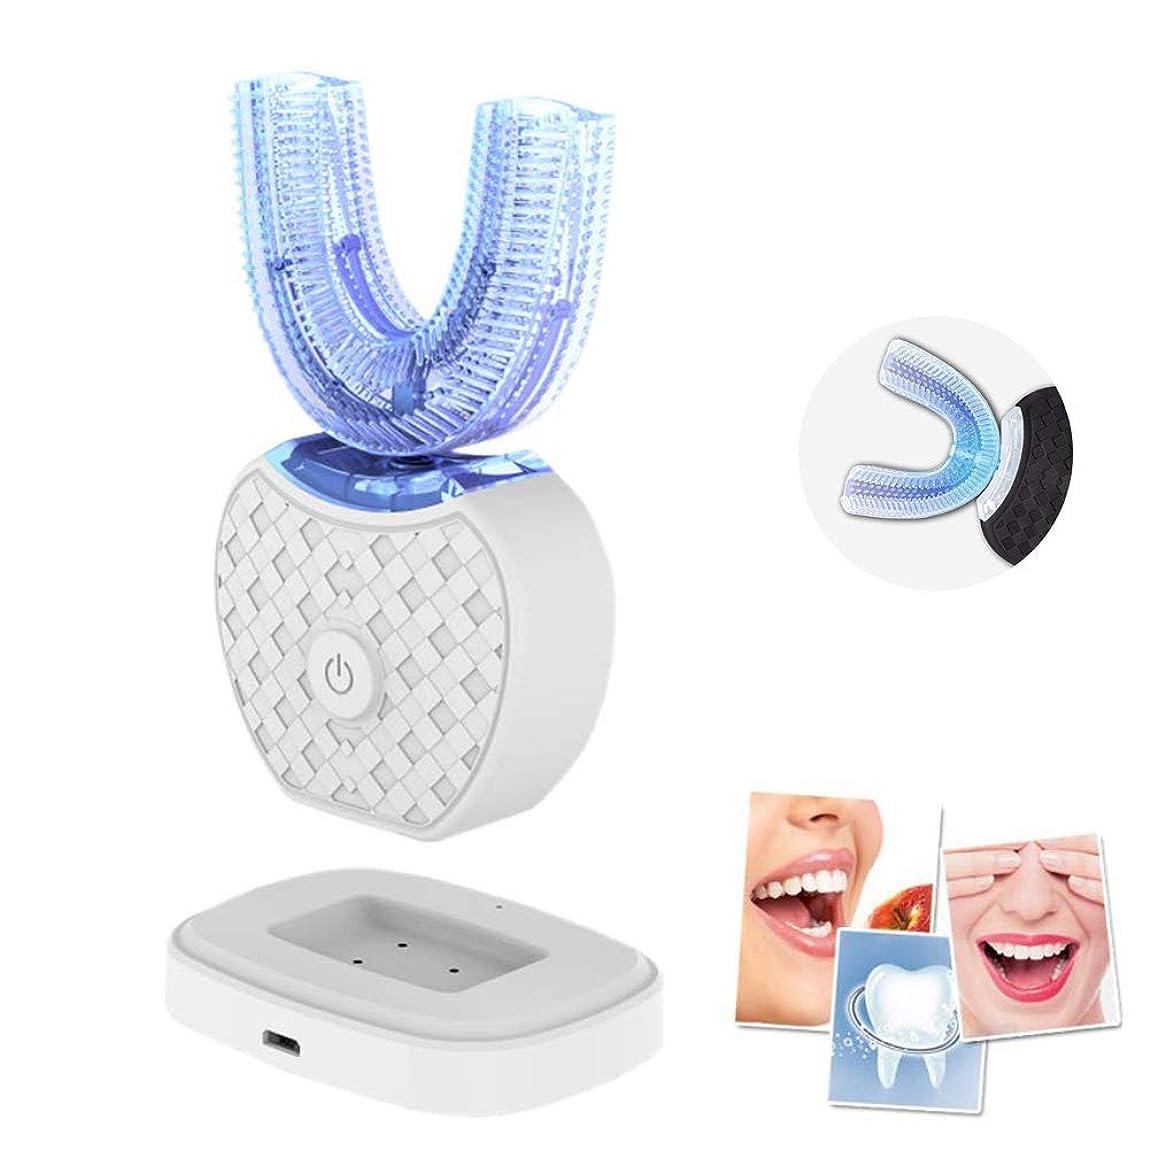 優れた予感非行スマート怠惰なシリコーン電動歯ブラシを360度ワイヤレス歯のクリーナーパーソナルケア、防水USB充電をホワイトニング